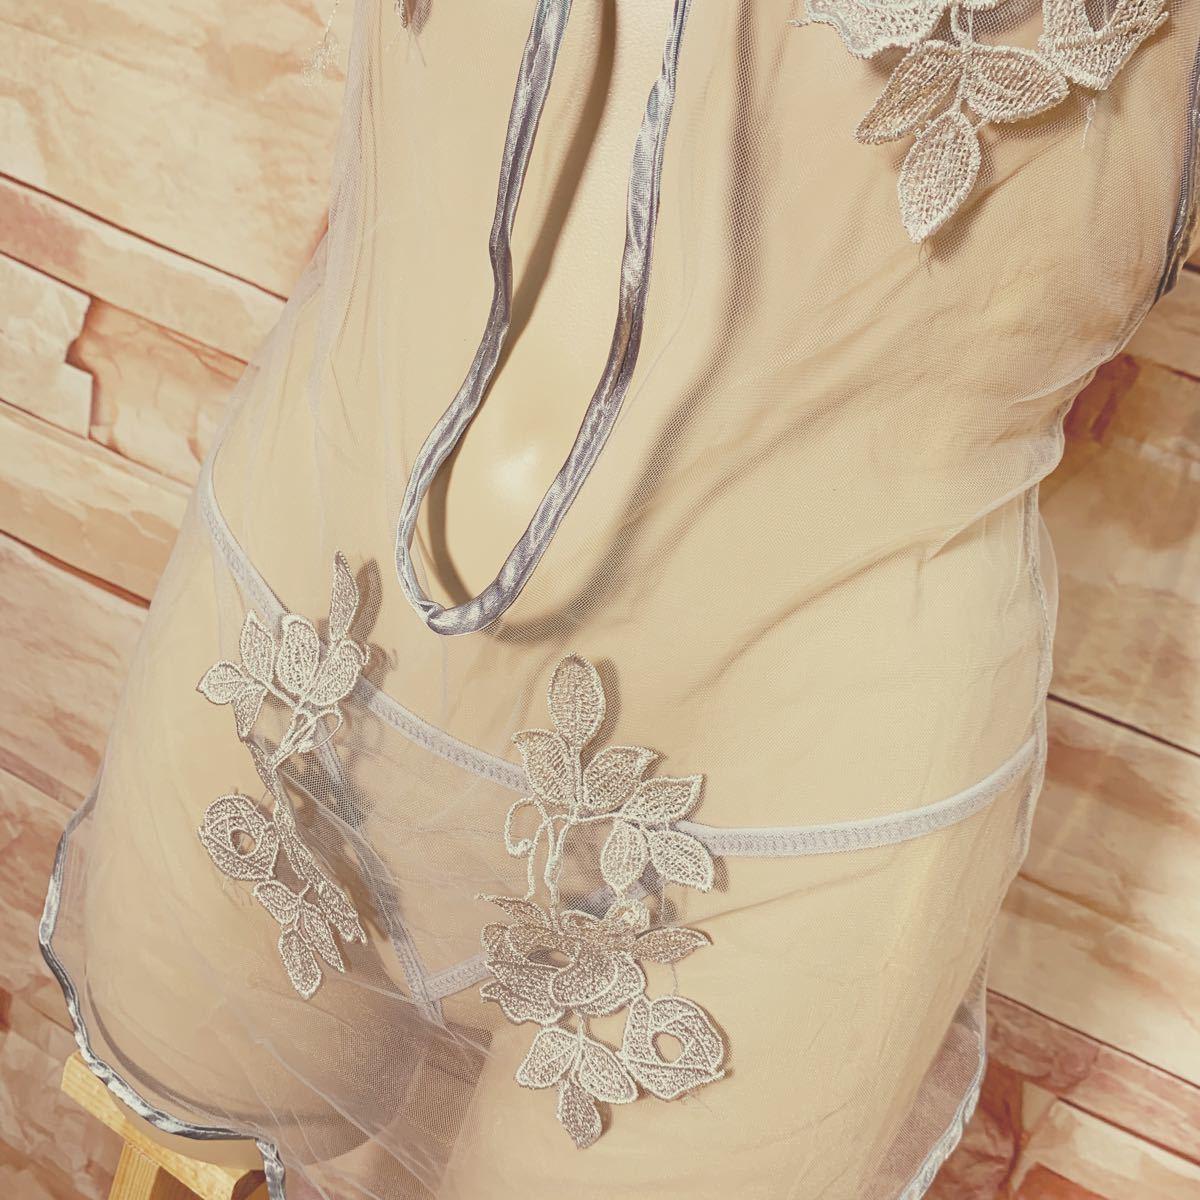 セクシー 薔薇 刺繍 ランジェリー ナイトウェア チャイナドレス 3色セット